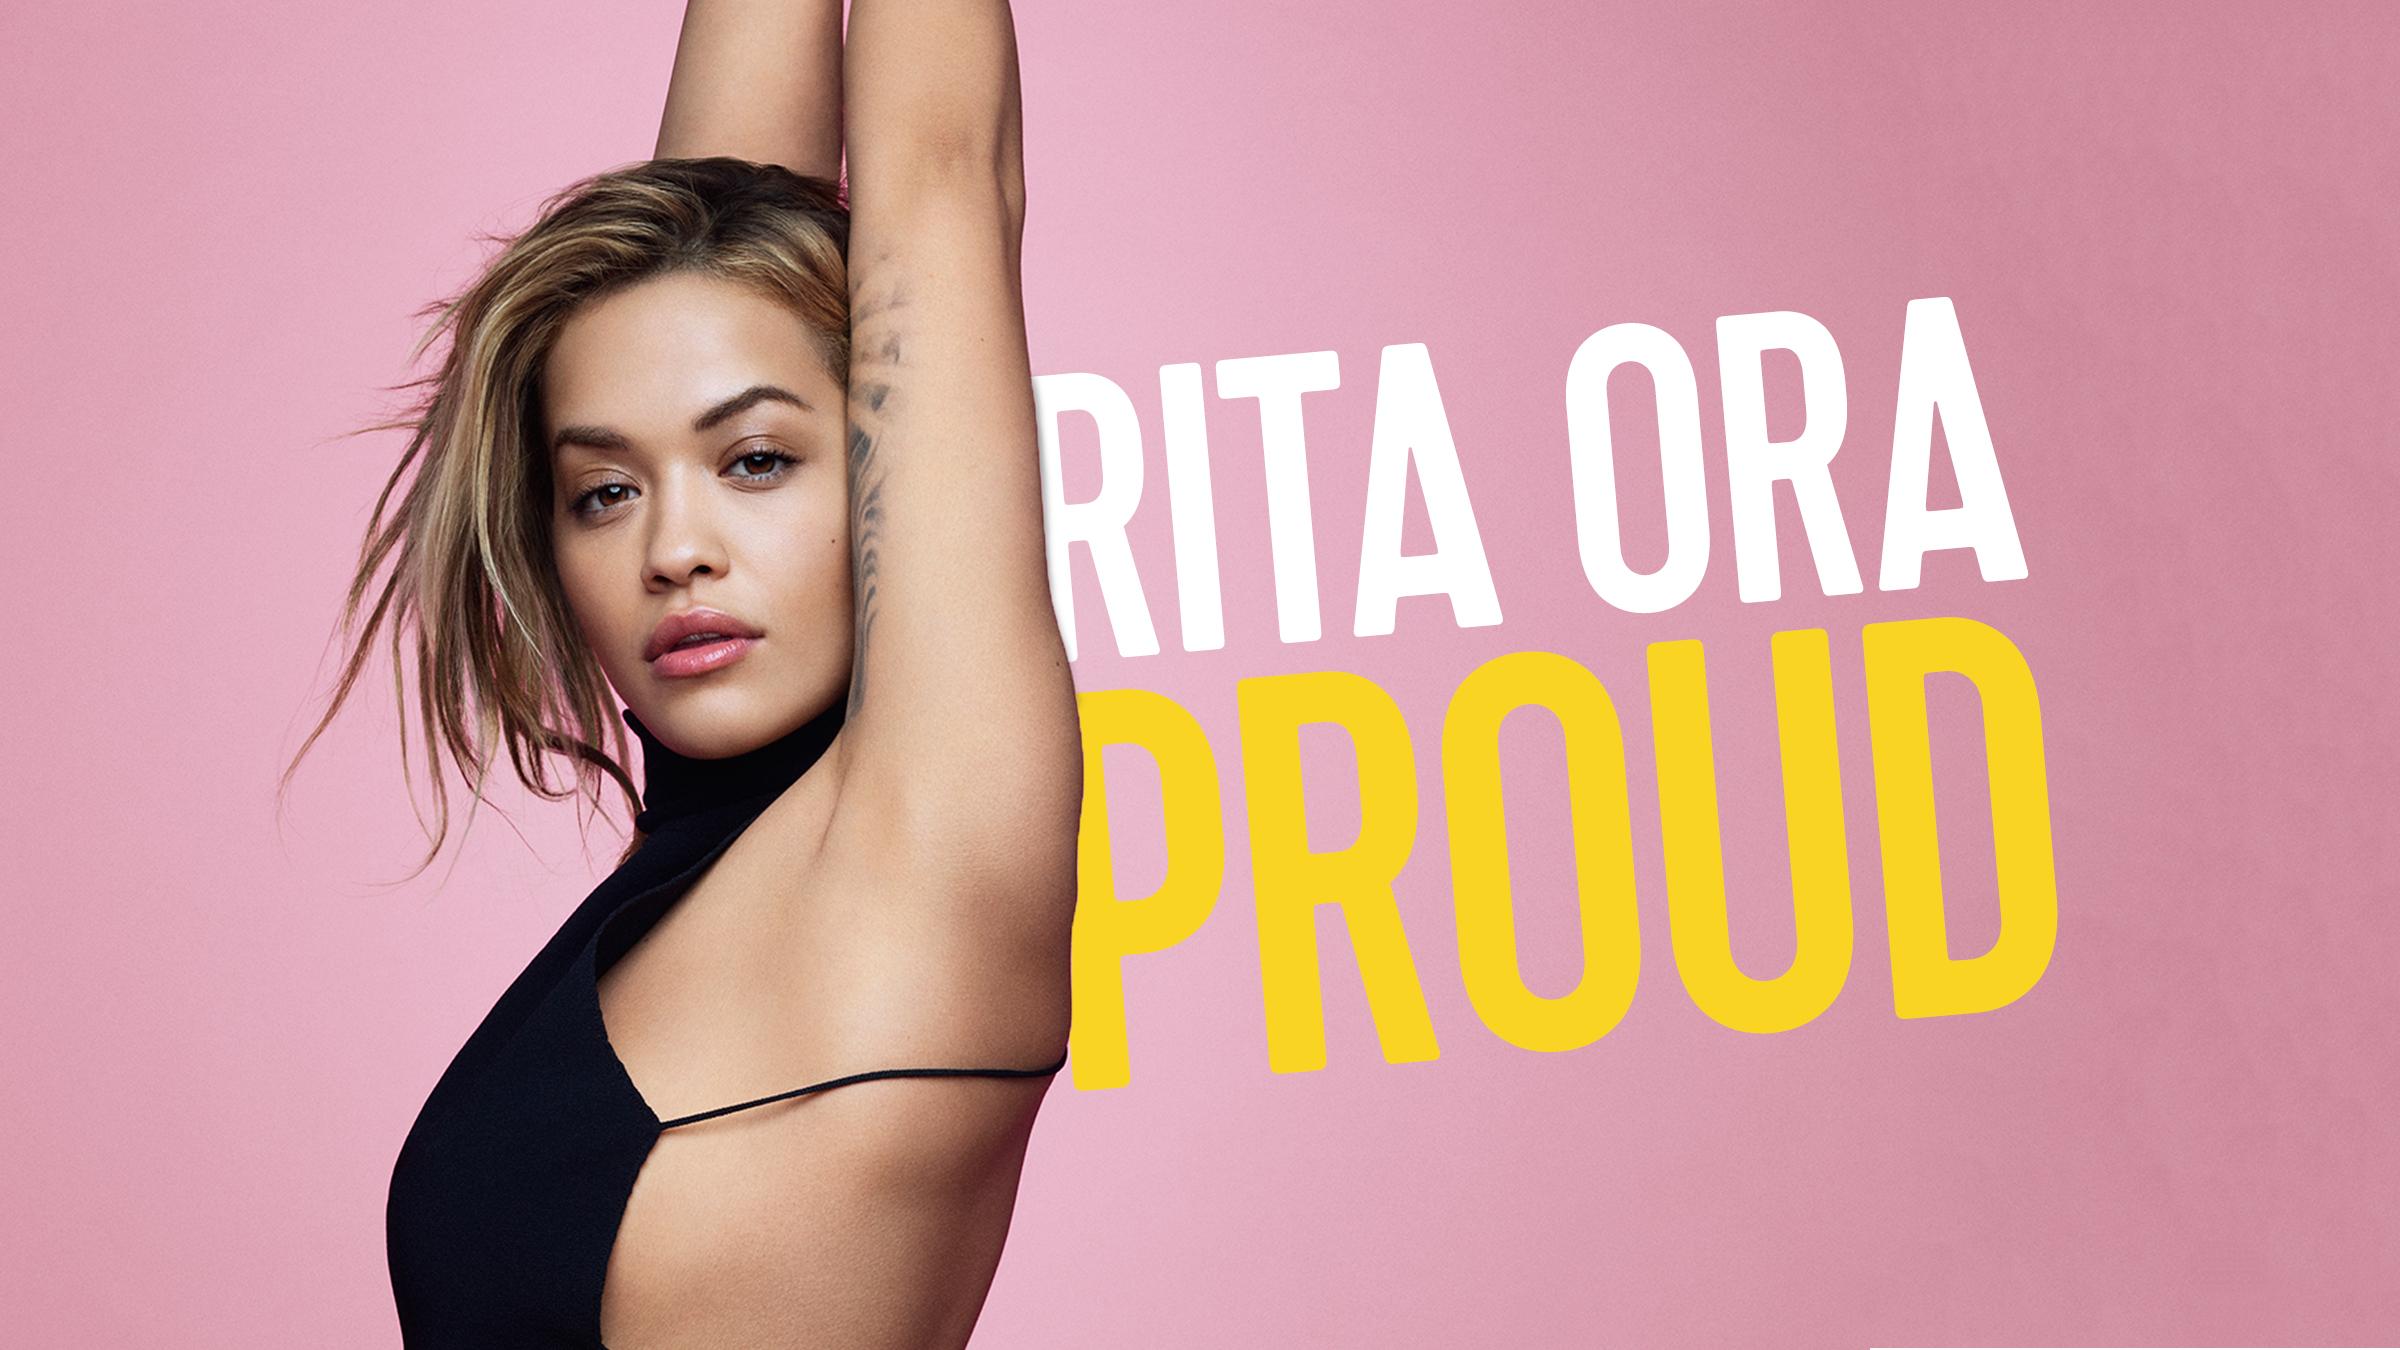 Rita ora proud   home